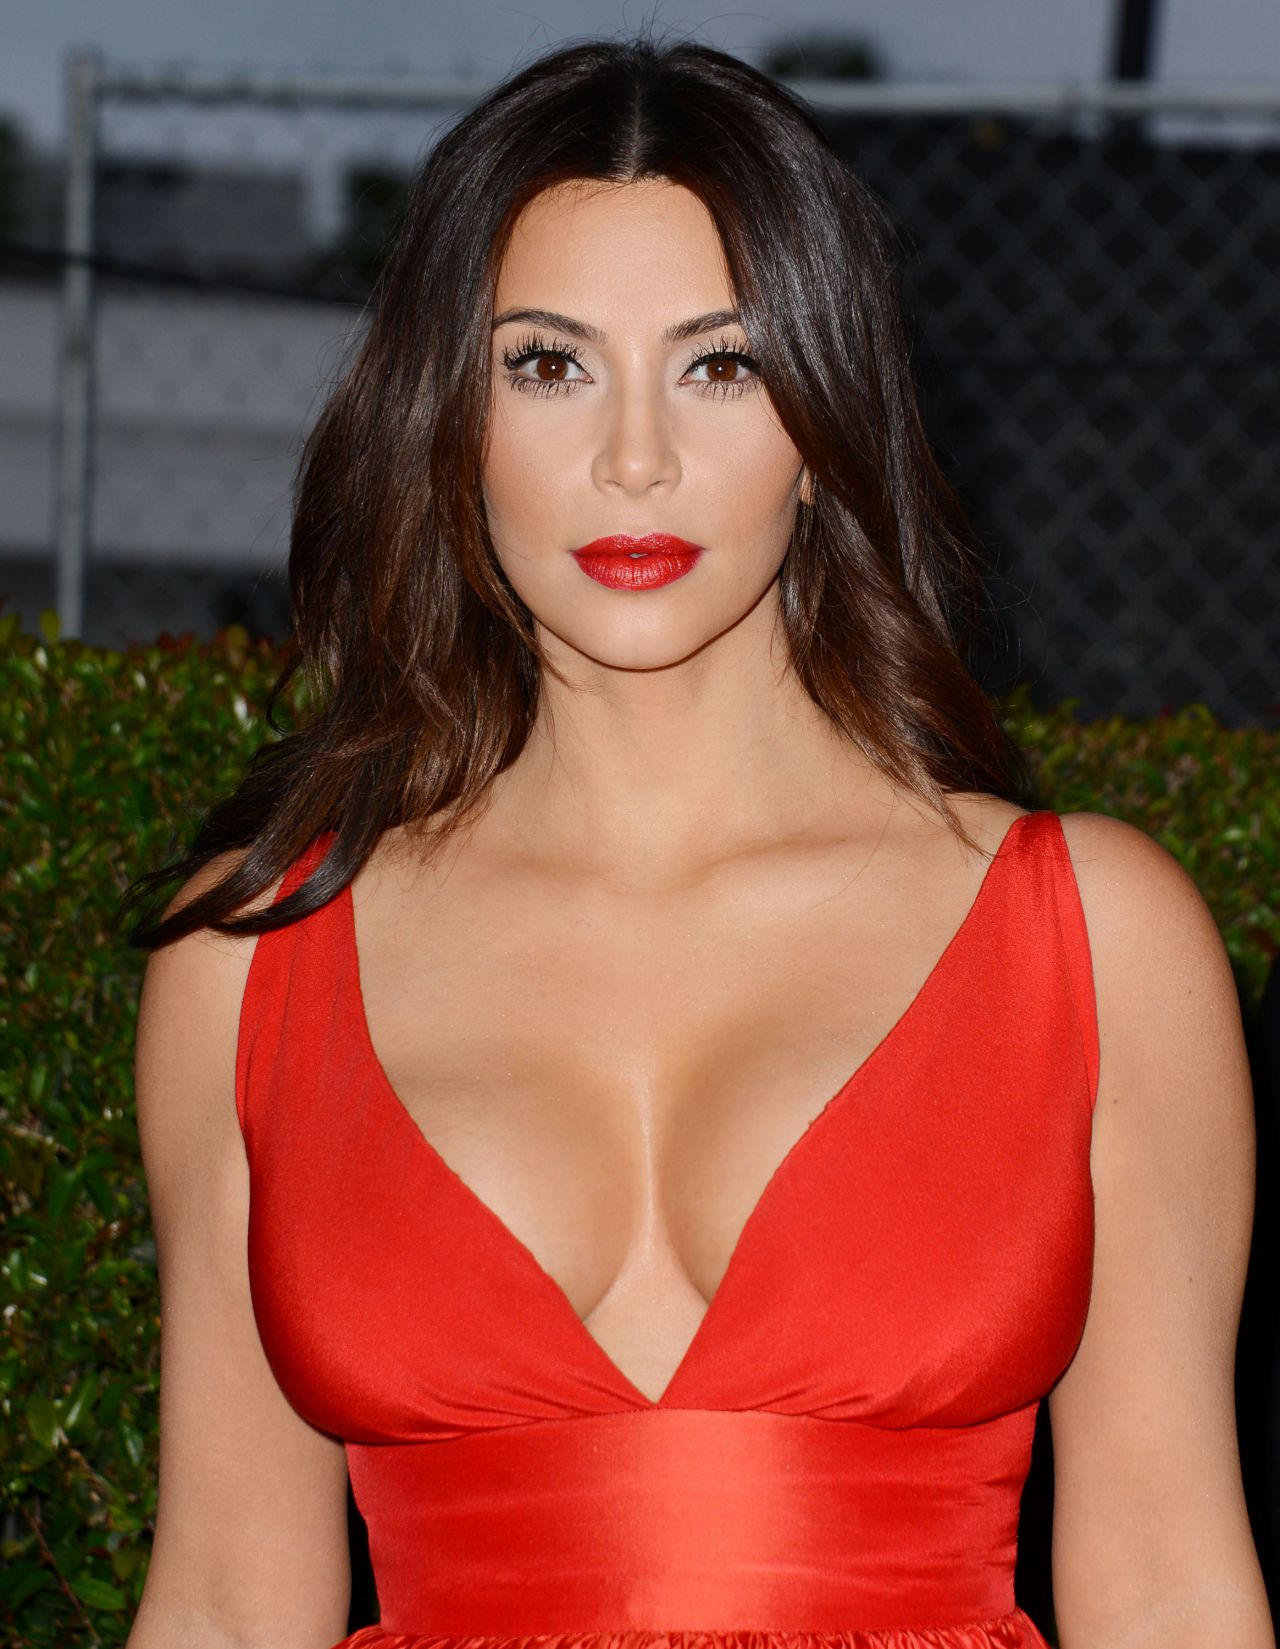 Kim Kardashian Poses as First Lady - Kim Kardashian